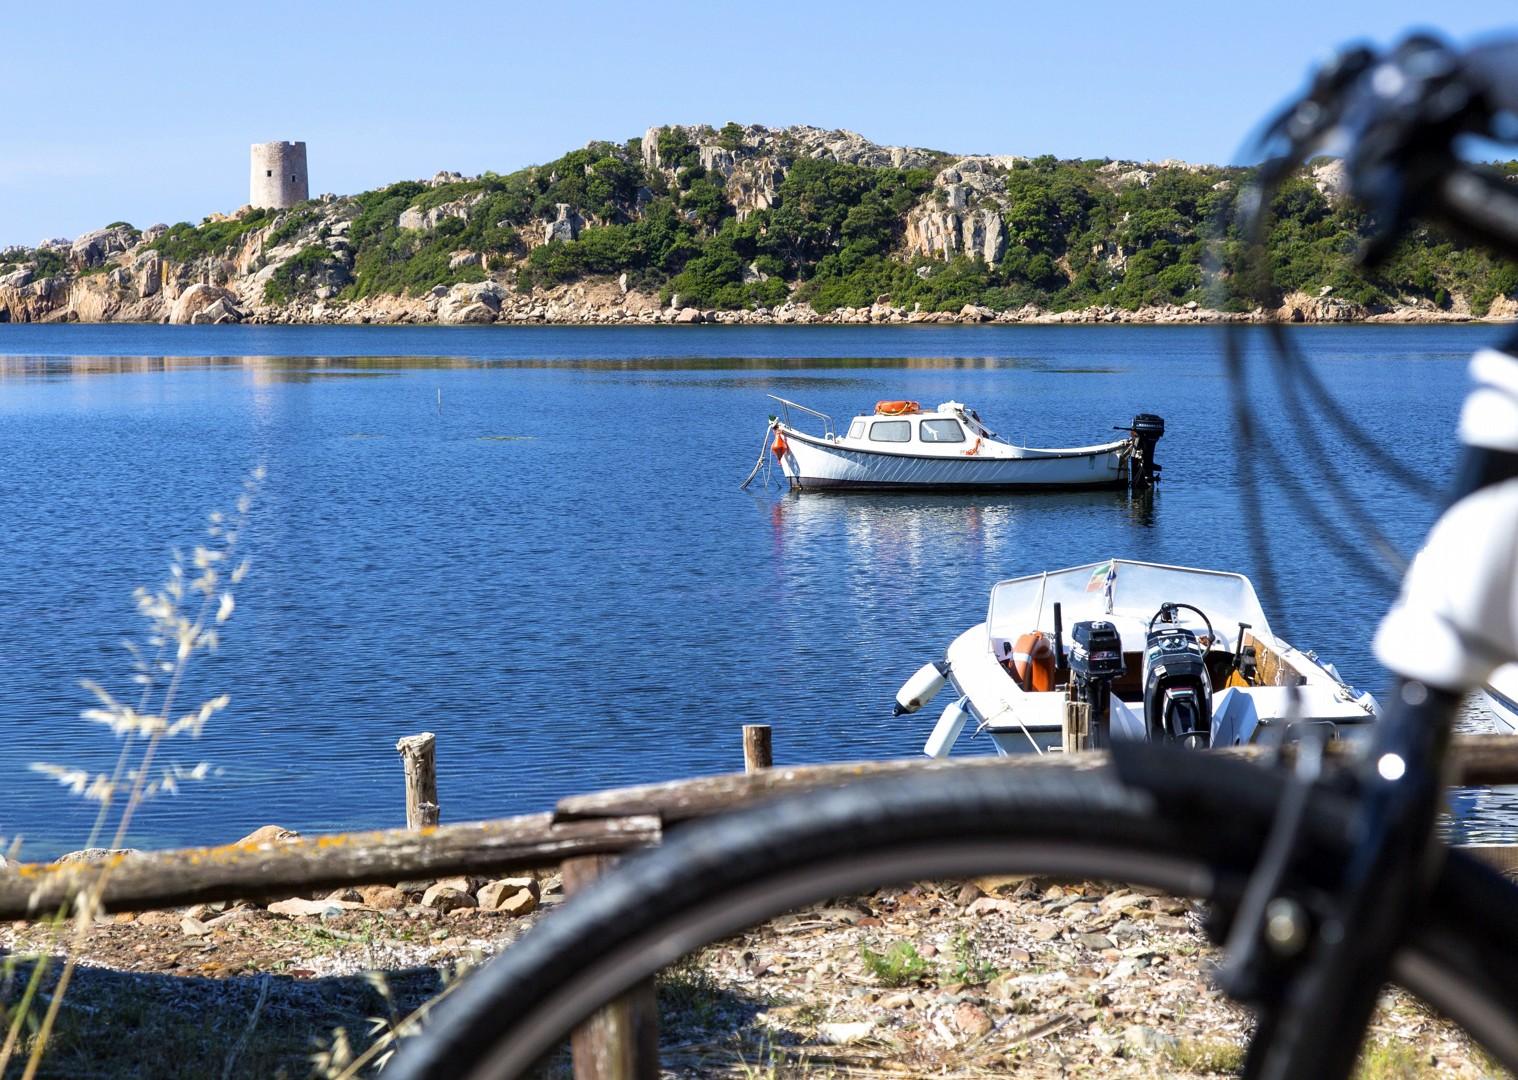 SardiniaCycling-144.jpg - Italy - Sardinia - Family Flavours - Guided Family Cycling Holiday - Family Cycling